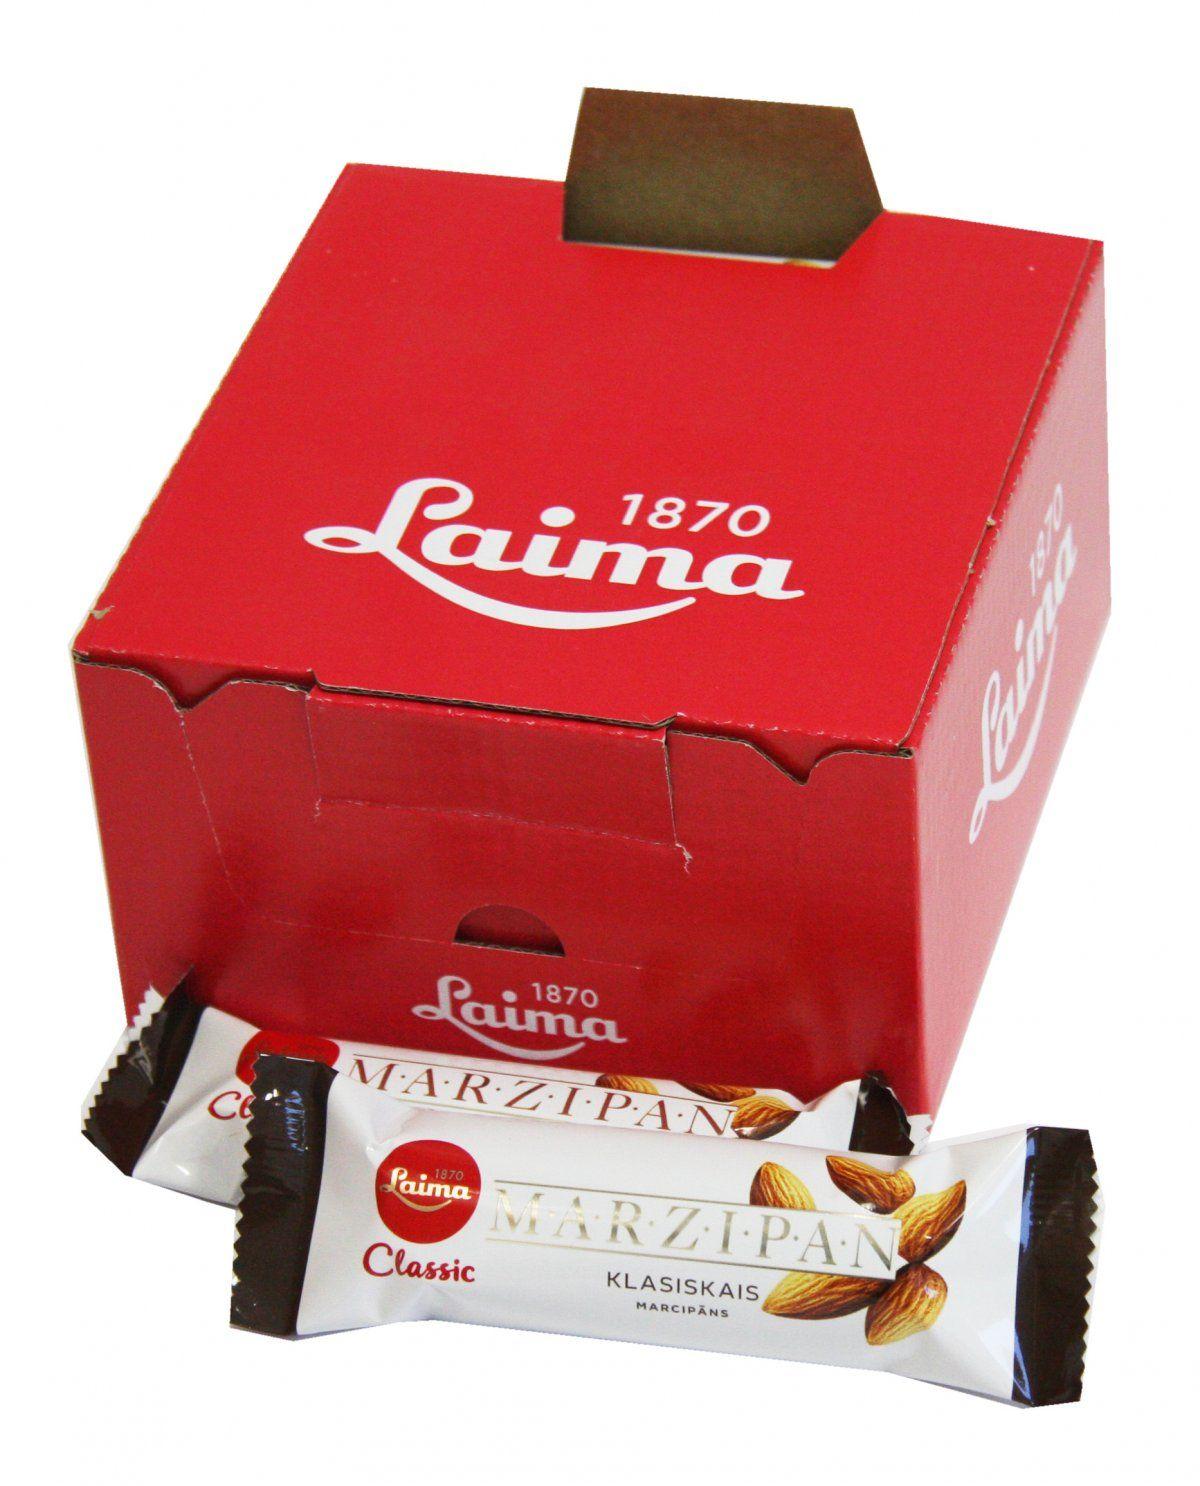 Laima Конфета марципановая шоколадный батончик, 40 г4750001950014Марципановая конфета.Содержание миндаля по европейским стандартам.Только миндаль!!!В темном шоколаде